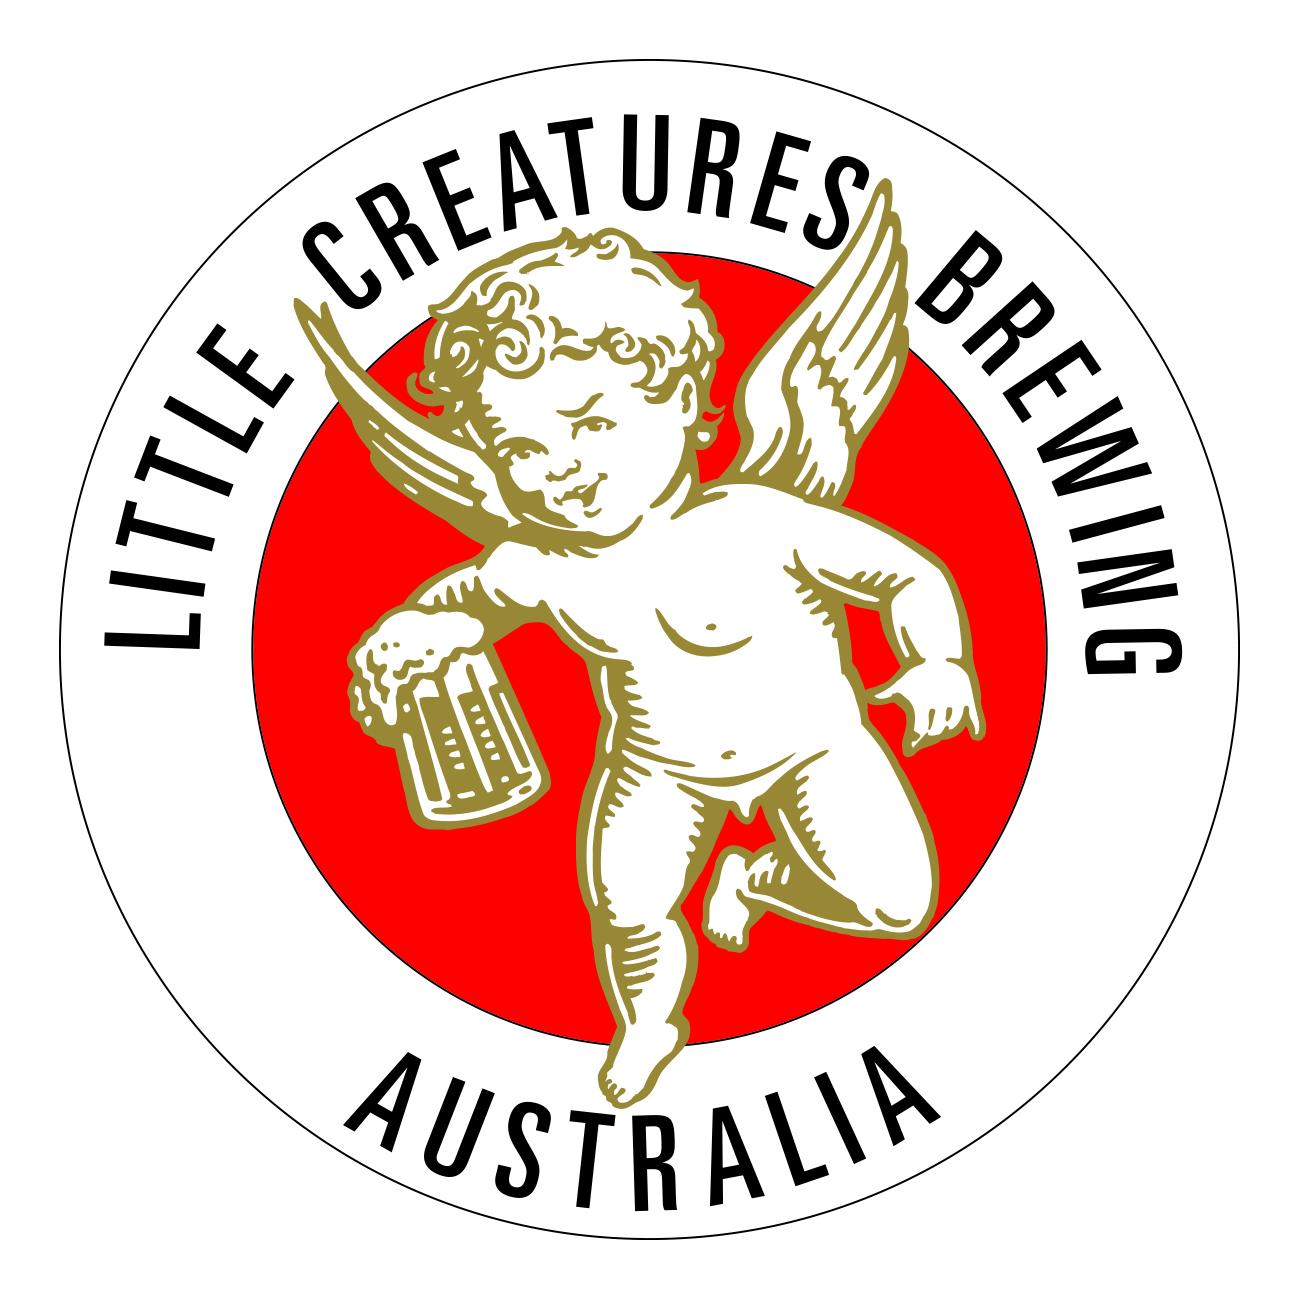 Lc aust badge c  1